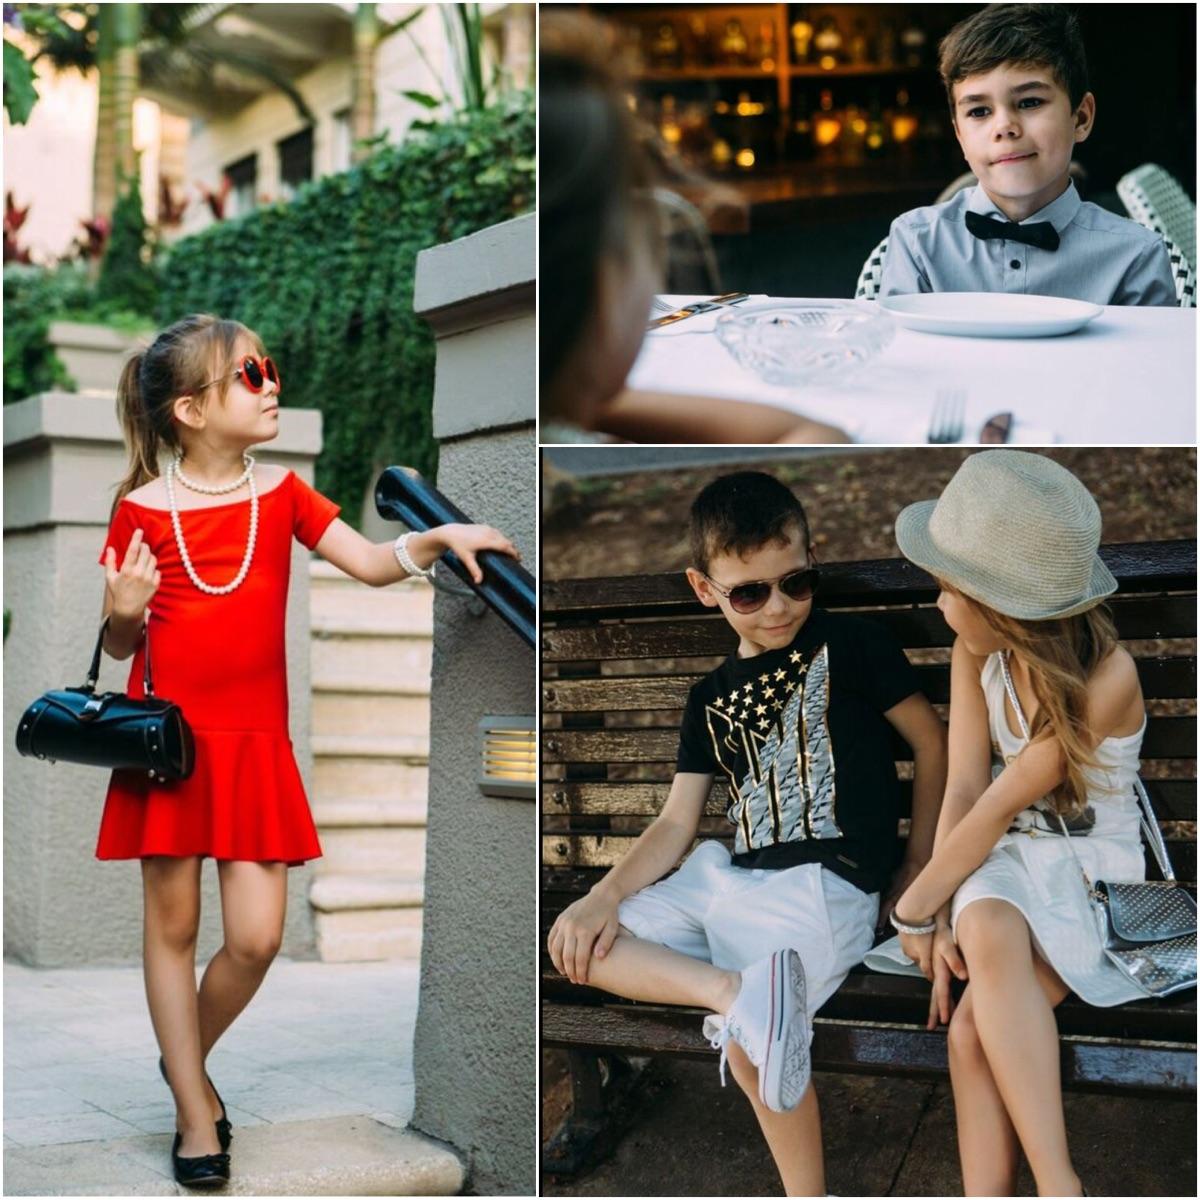 Главное правило выбора праздничного наряда для ребенка открывают дизайнеры Honigman Kids